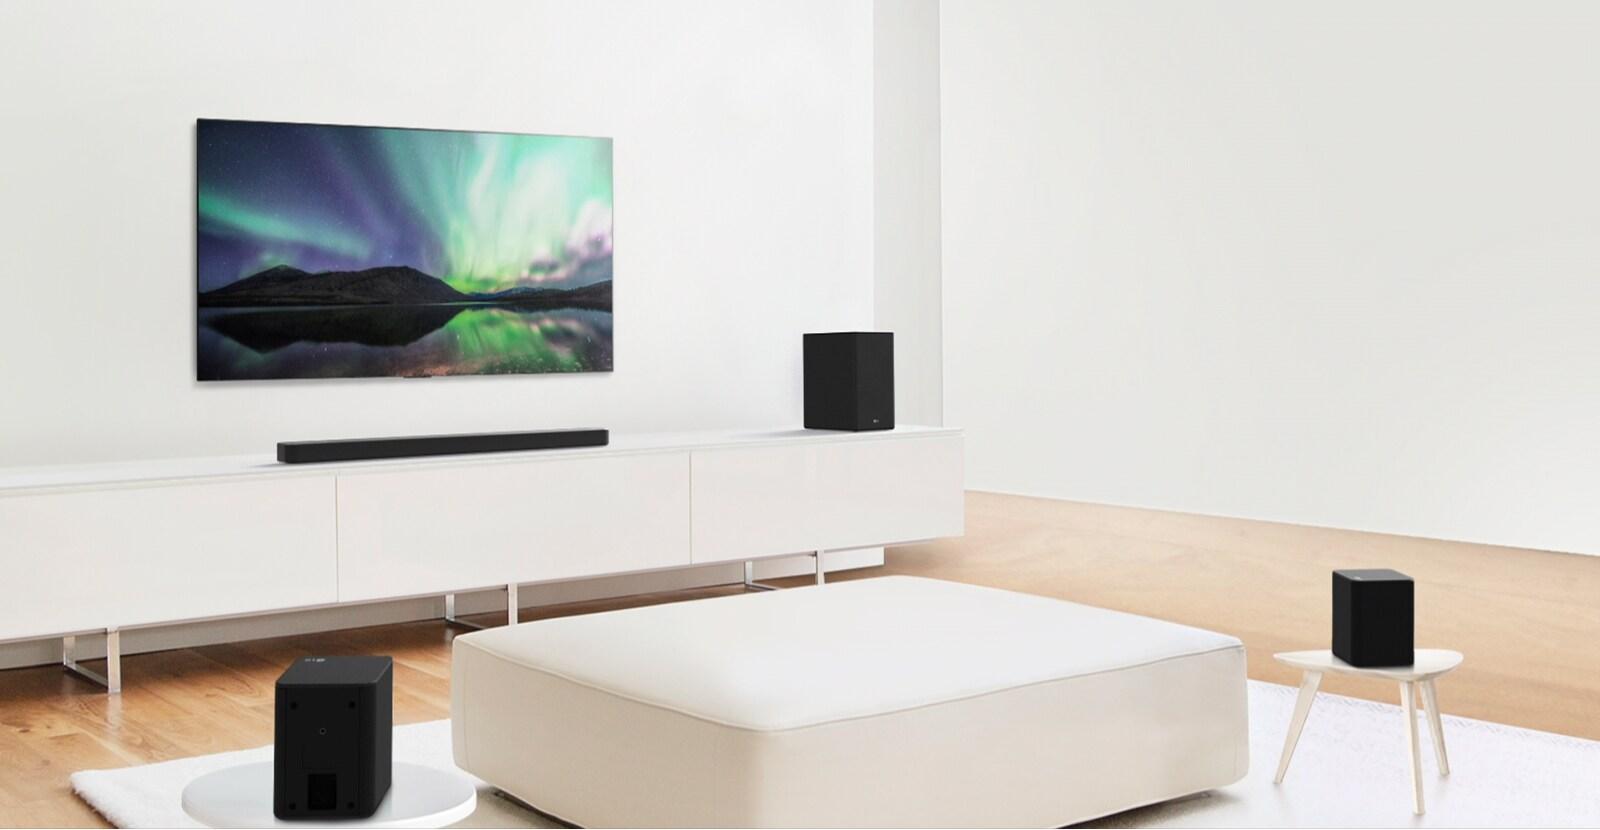 Llena la habitación con el sonido envolvente cinematográfico más novedoso5